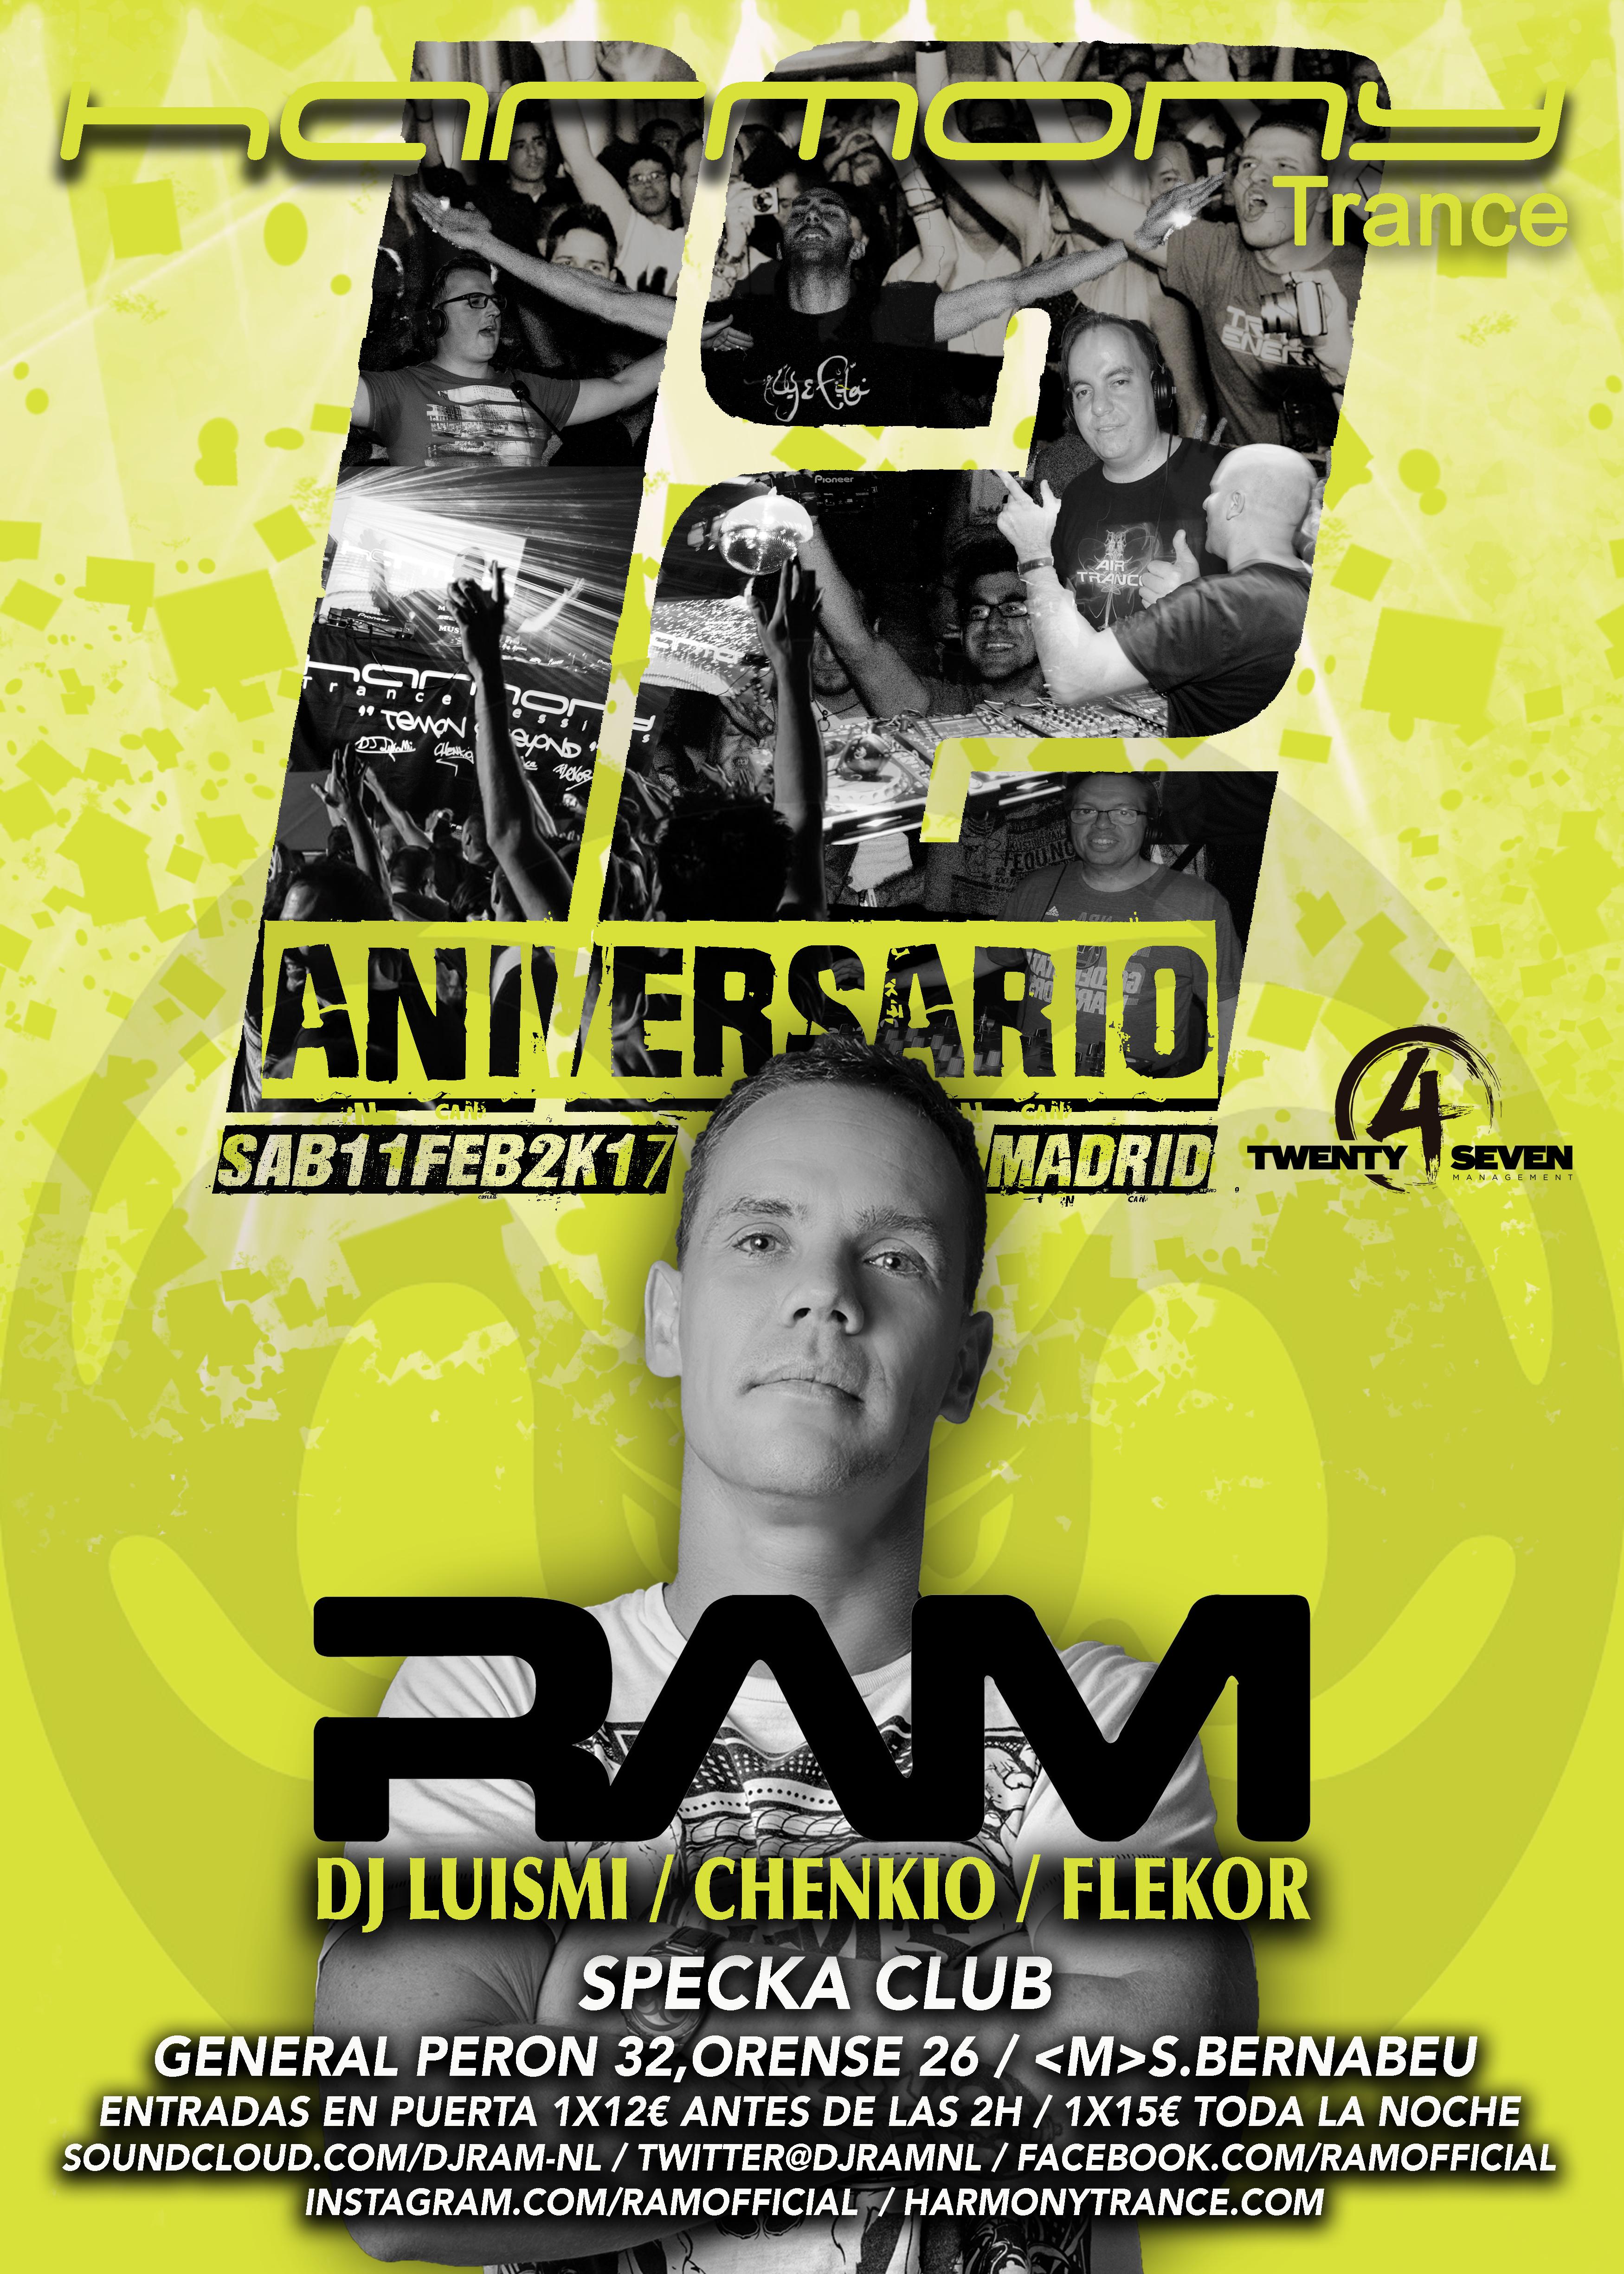 Harmony Trance 12 aniversario